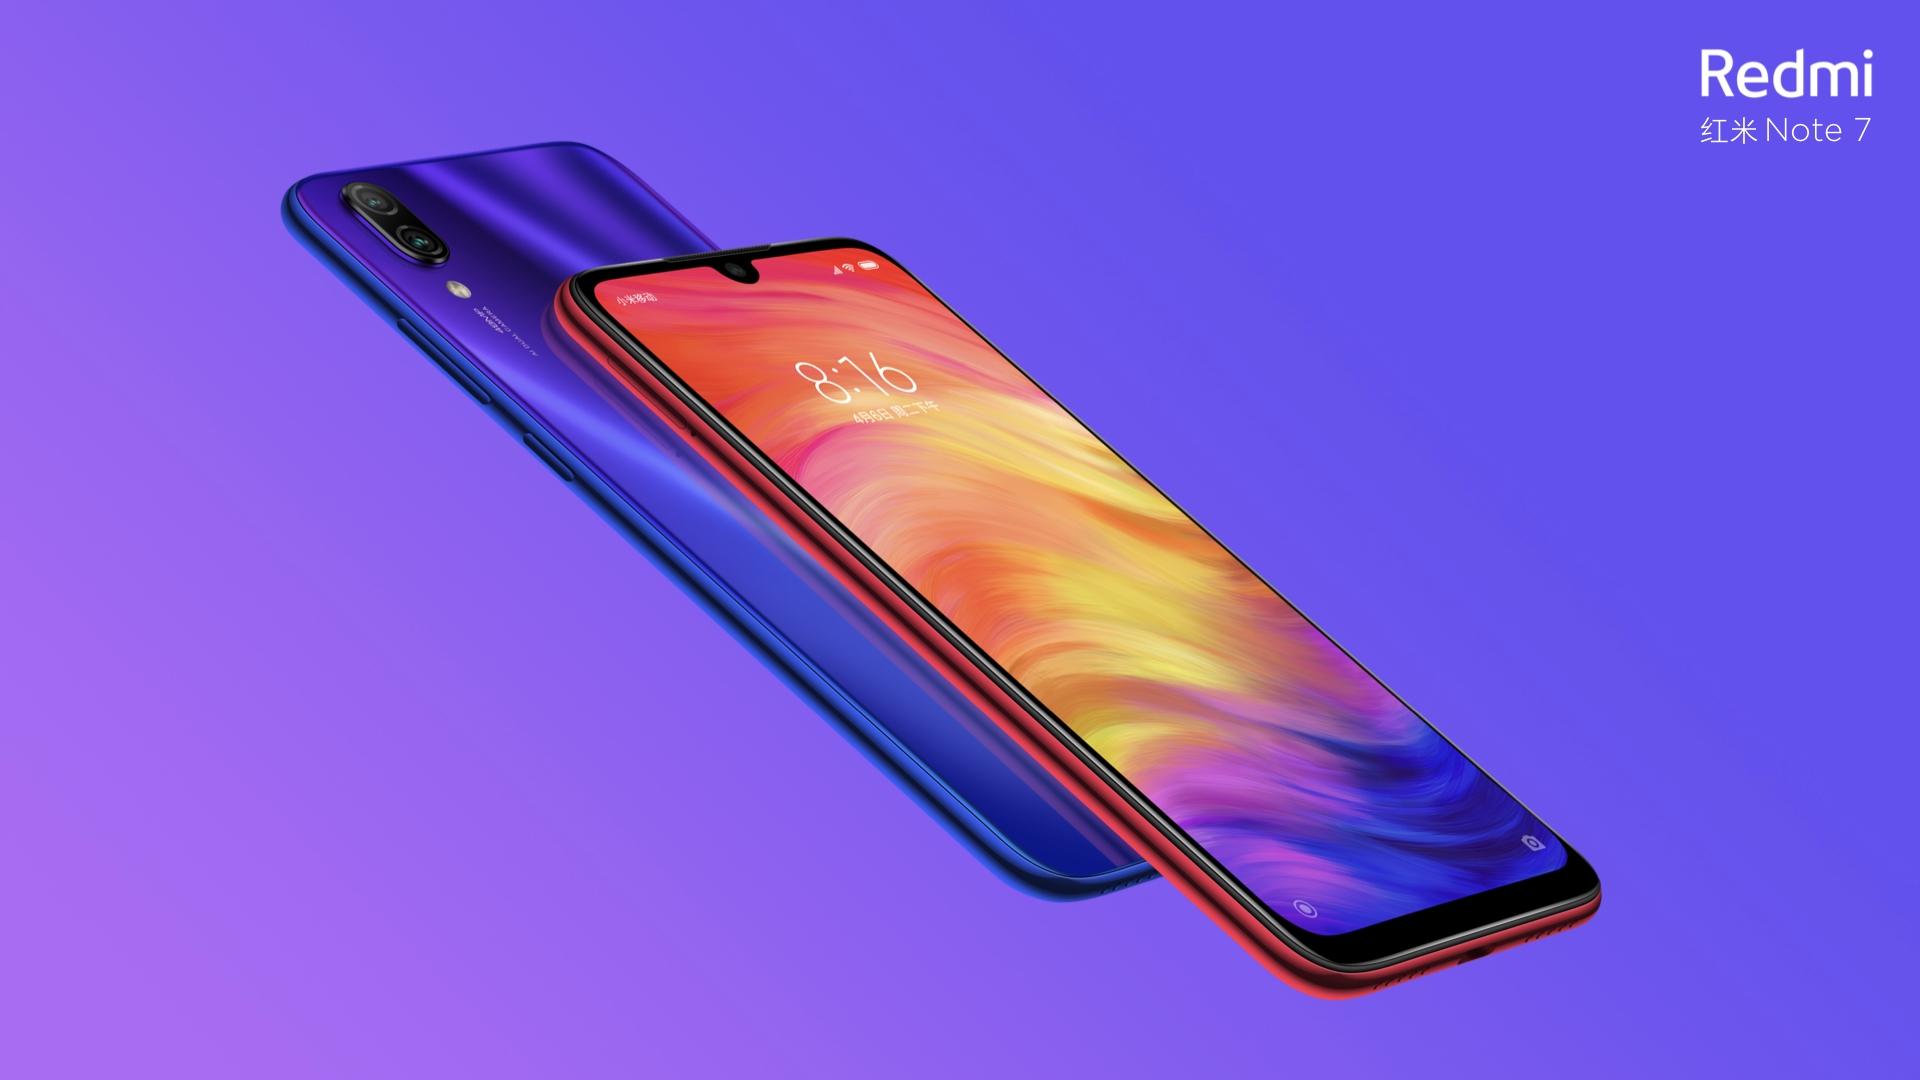 Redmi Note 7 Pro bude mít čtečku otisků prstů v displeji [aktualizováno]